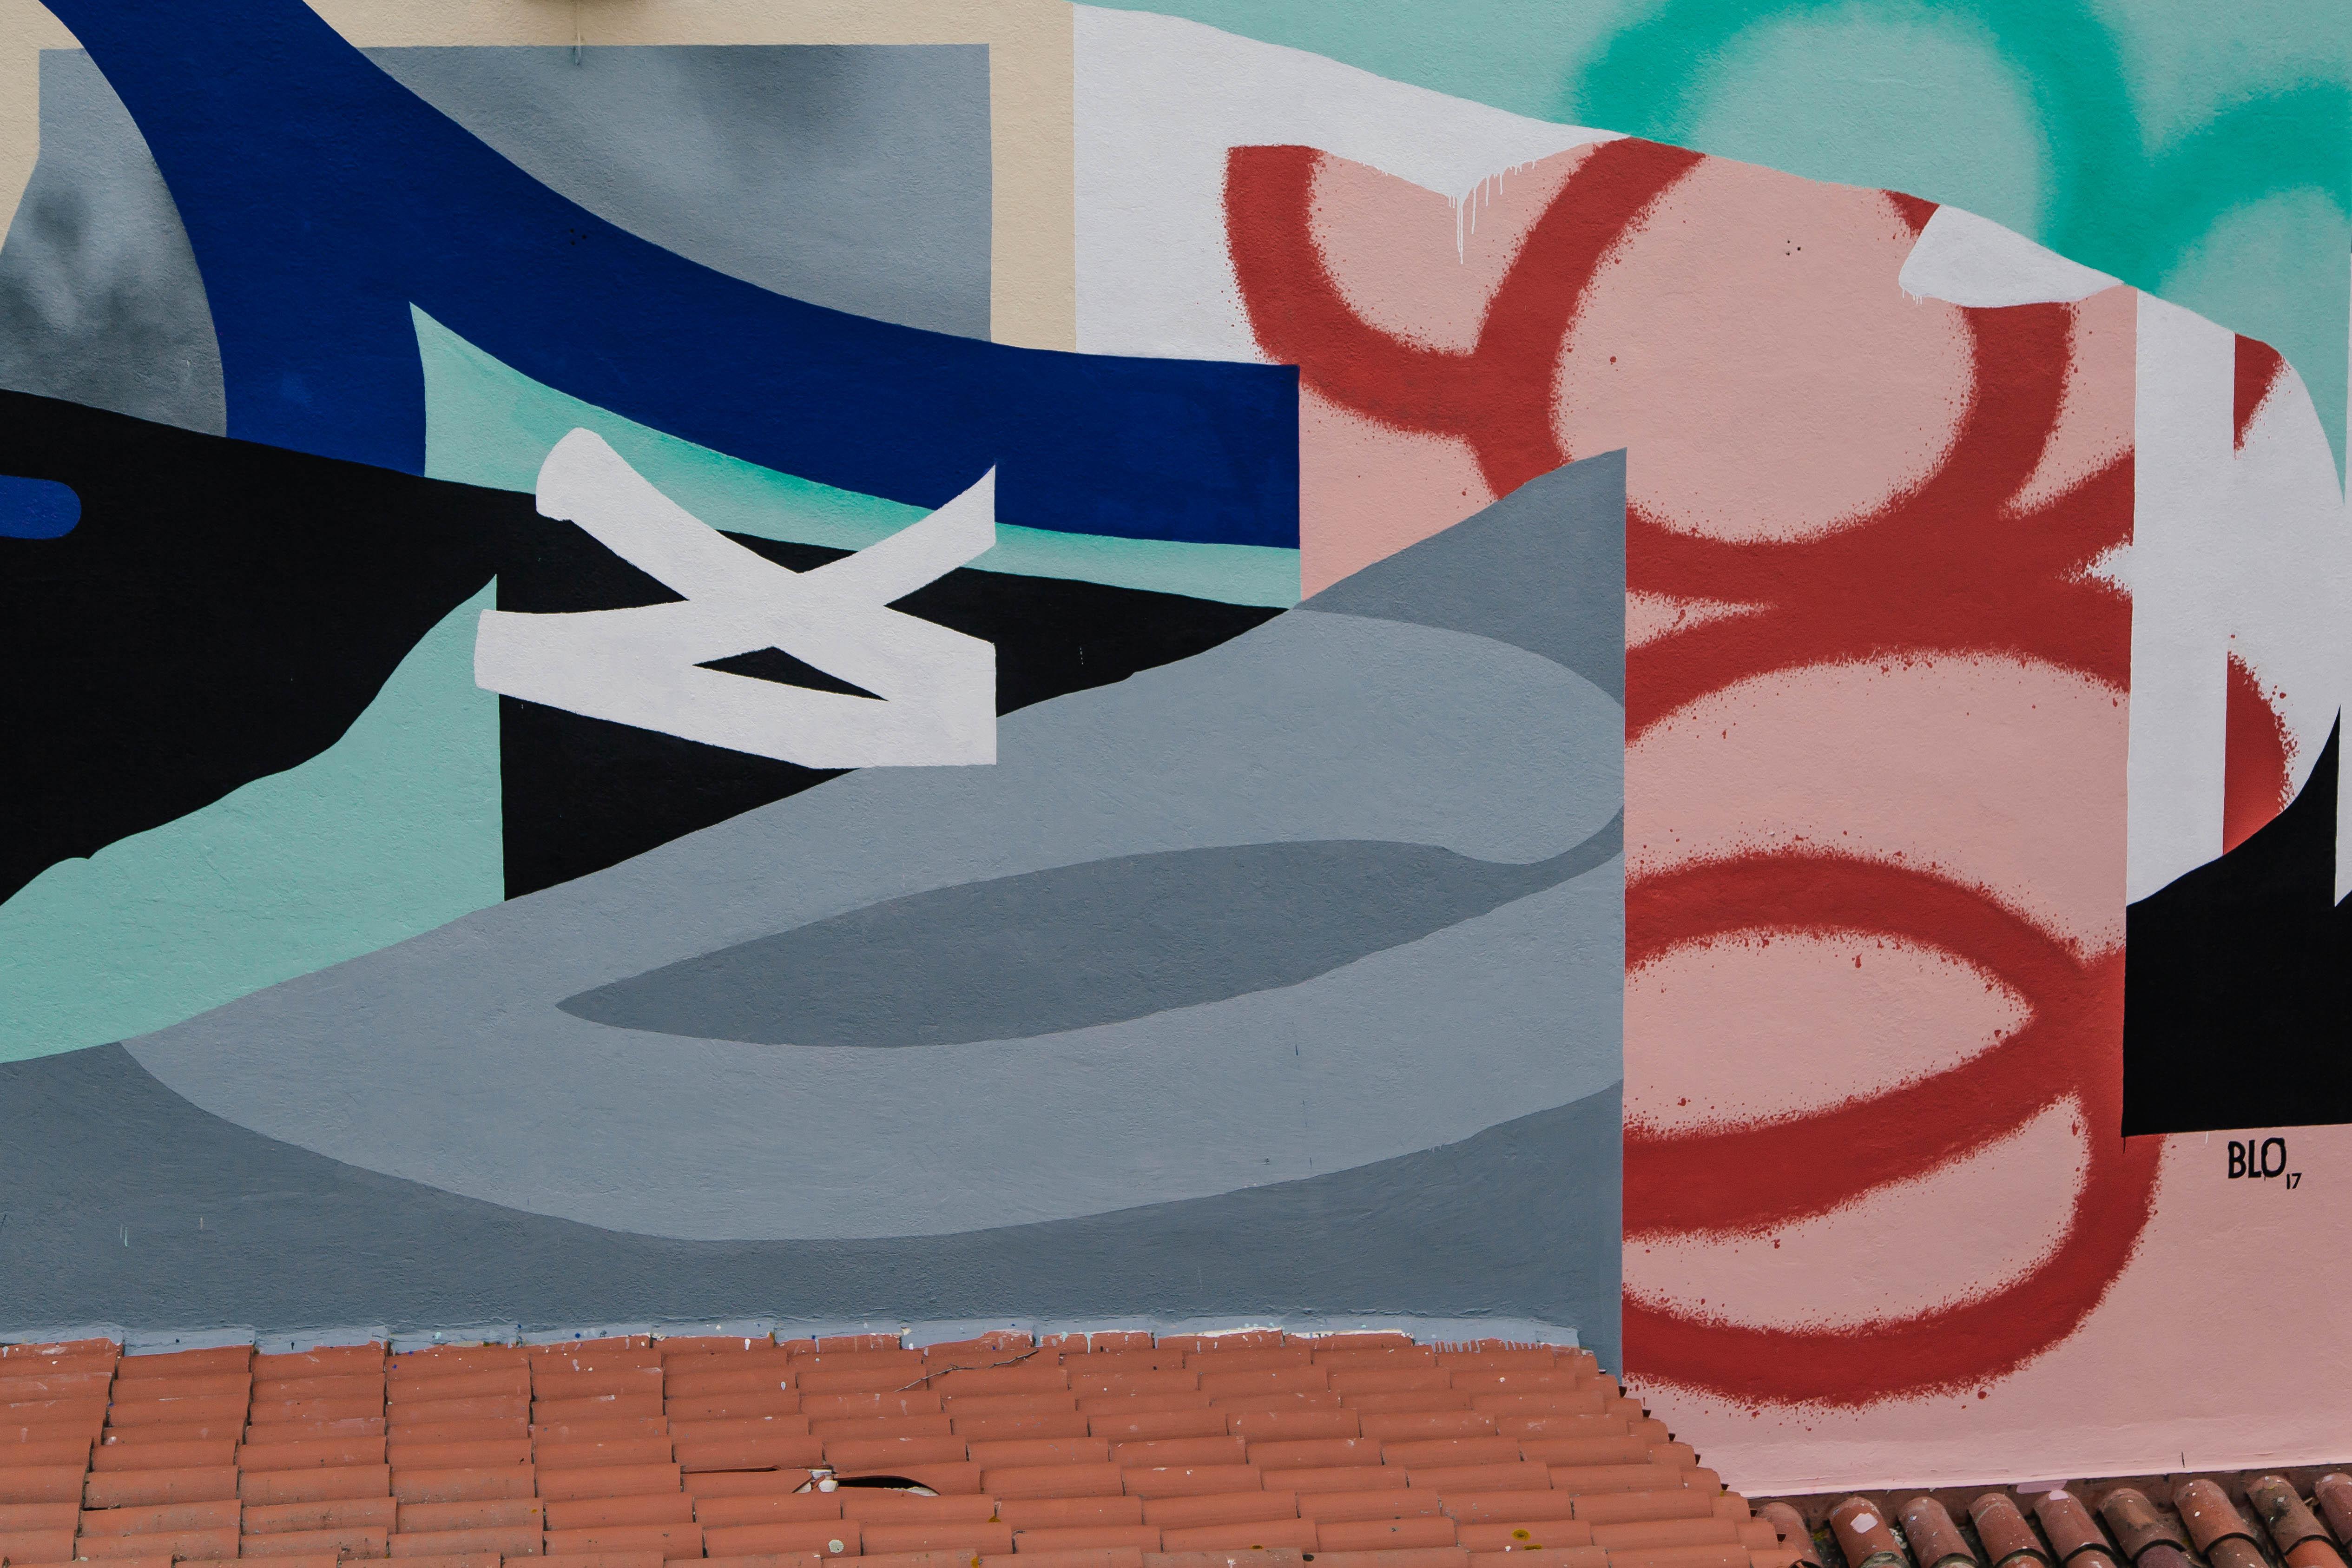 Blo new mural in Perpignan, France Artes & contextos D 083A1669